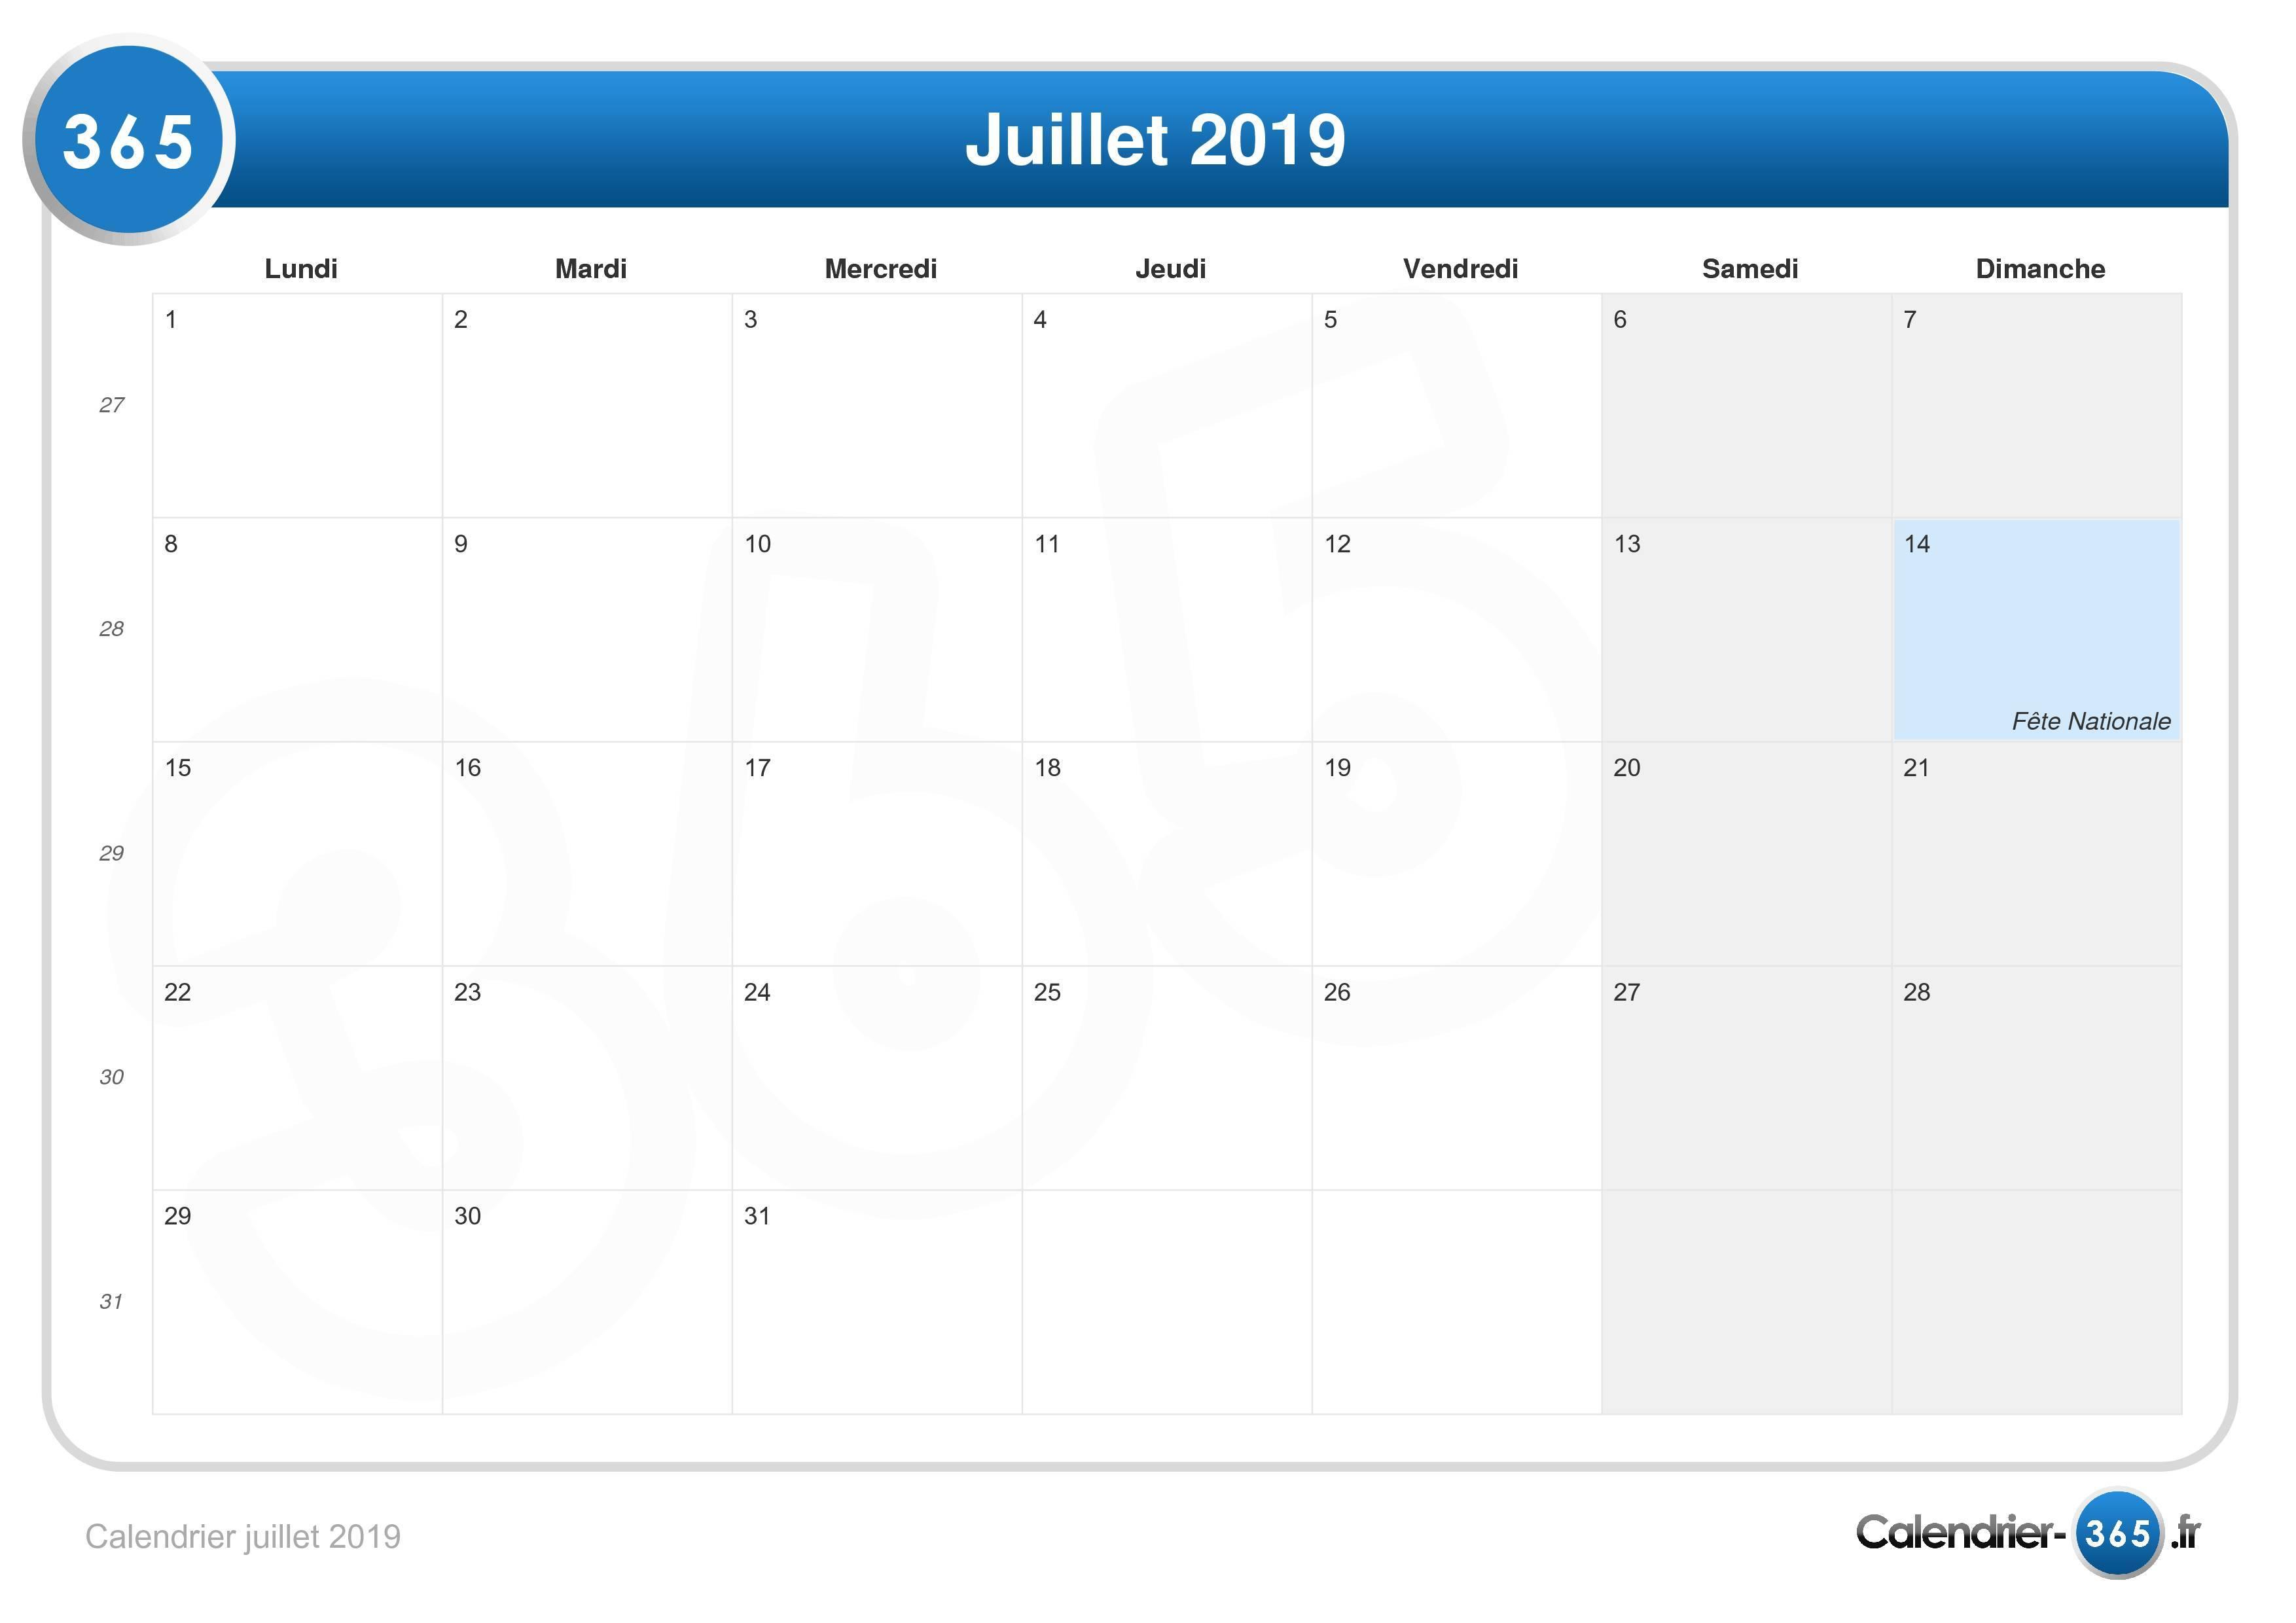 Calendrier Du Mois De Juillet 2019.Calendrier Juillet 2019